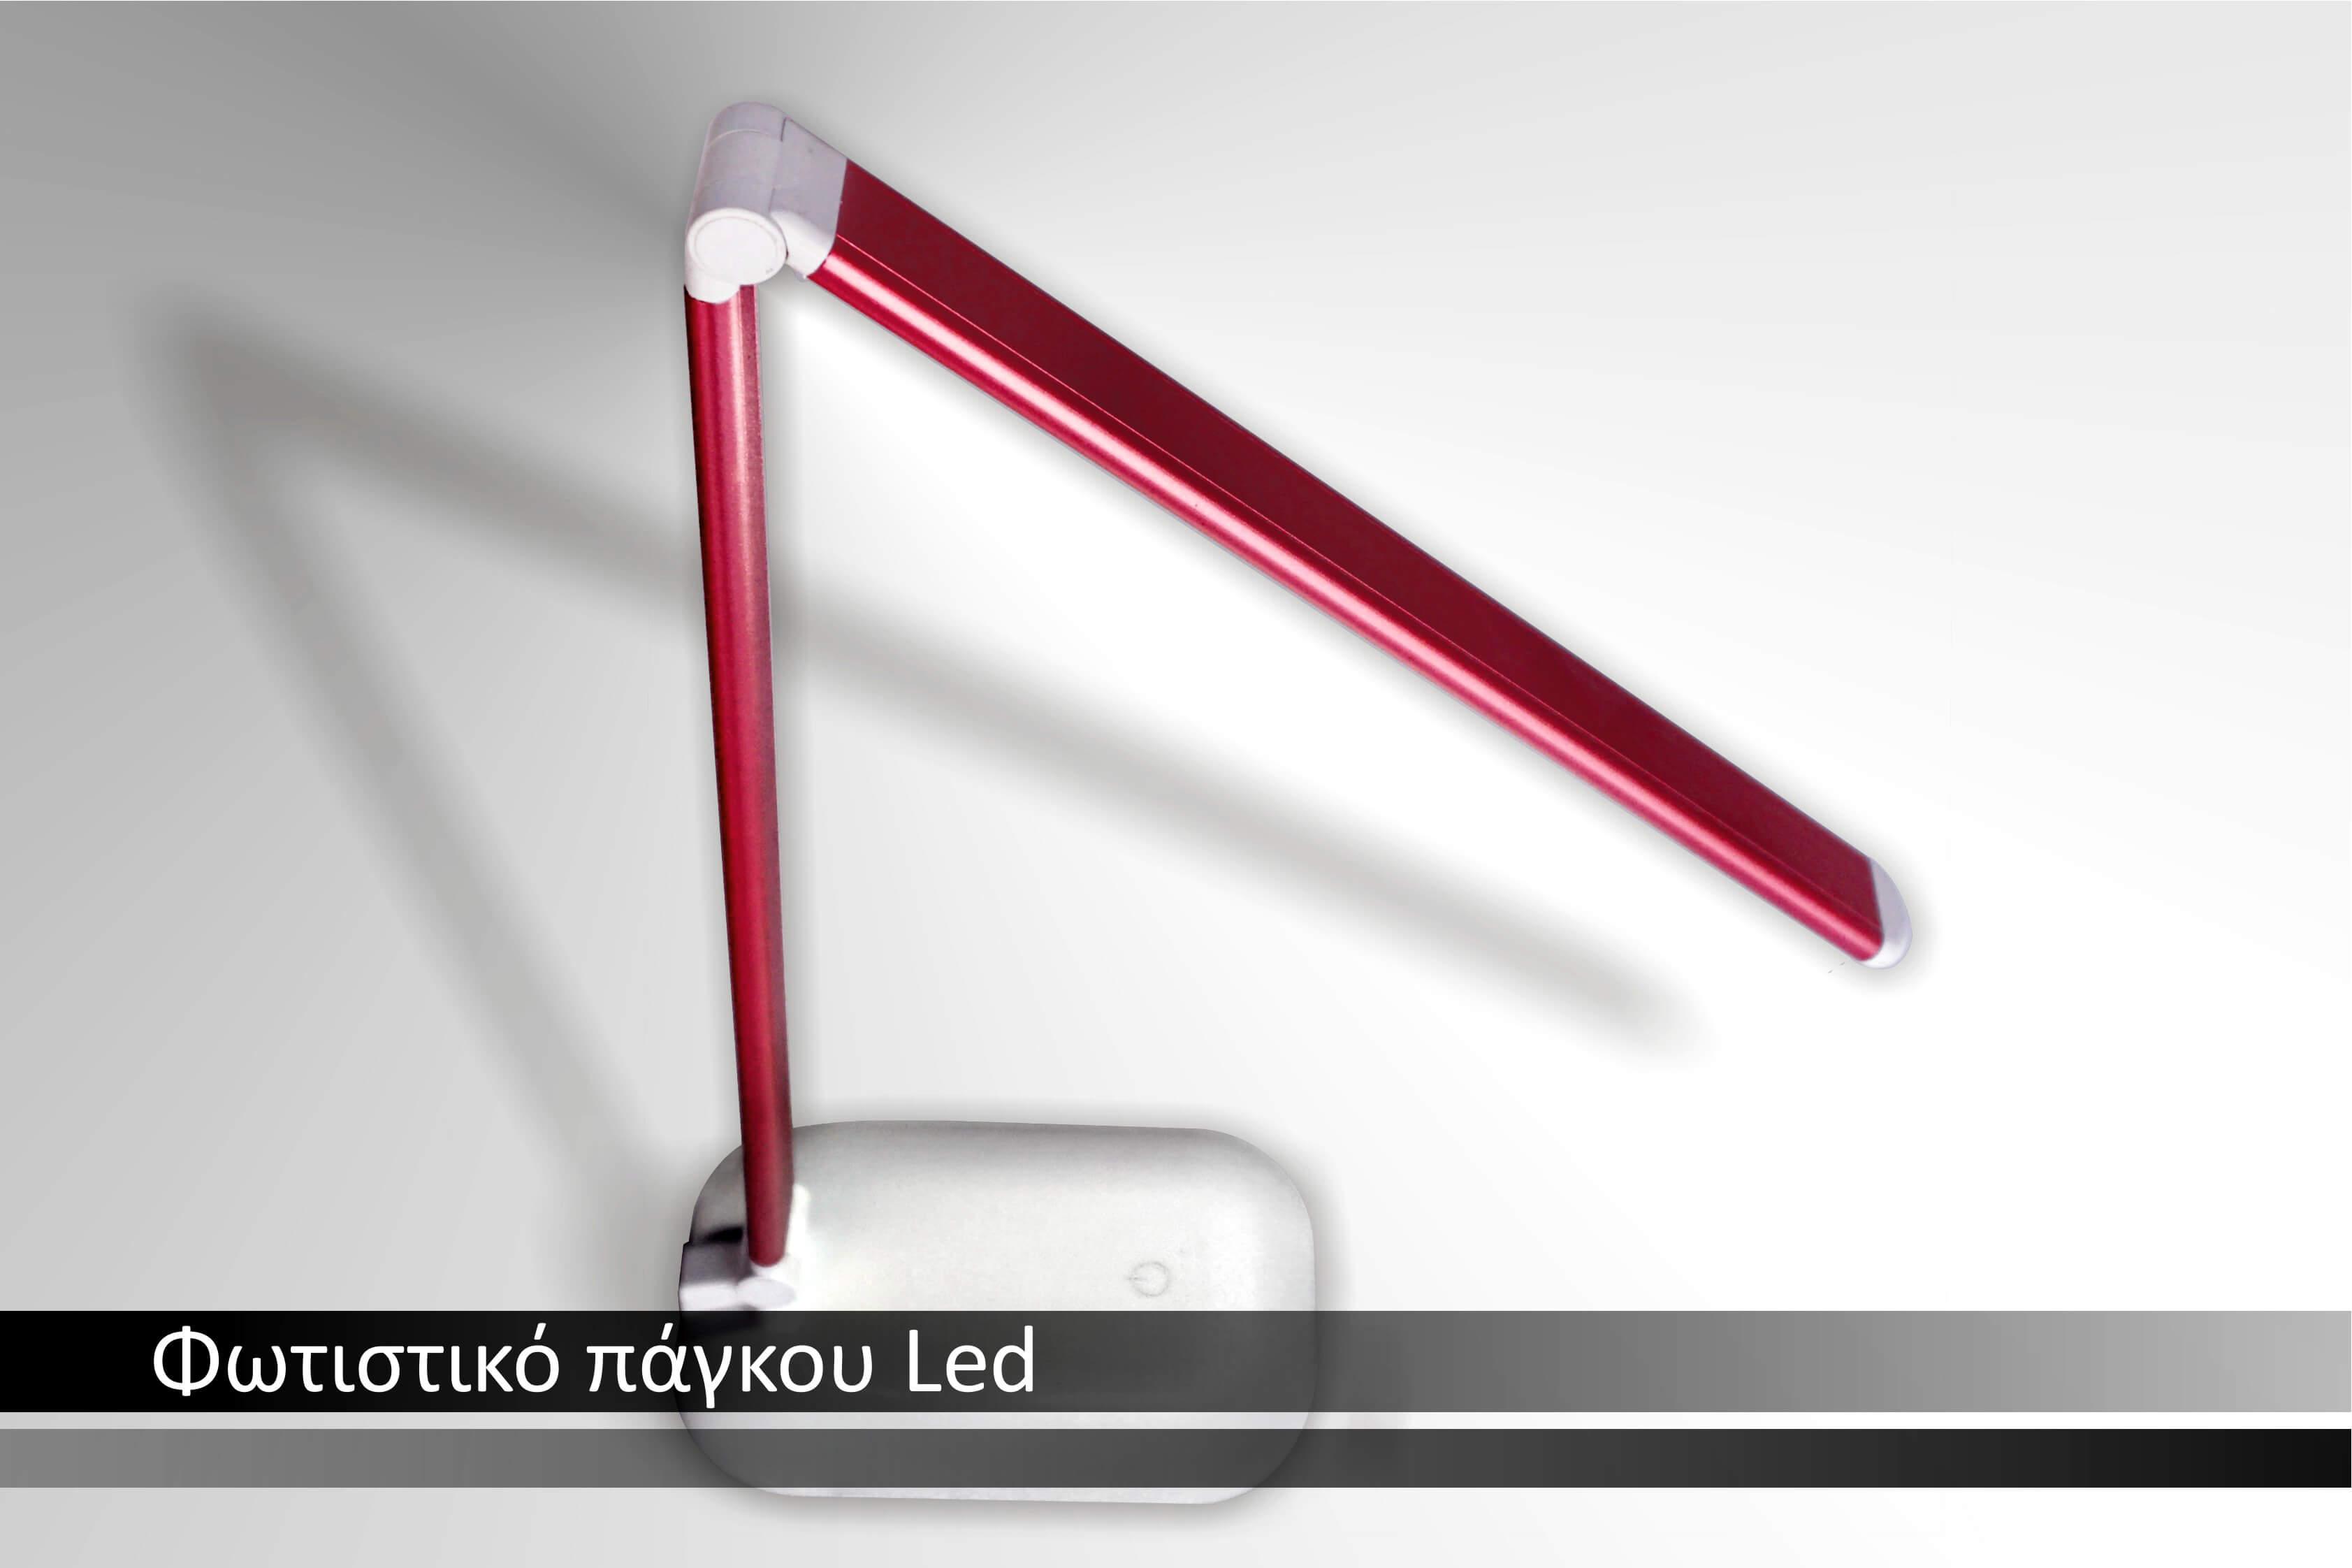 Φωτιστικό πάγκου LED